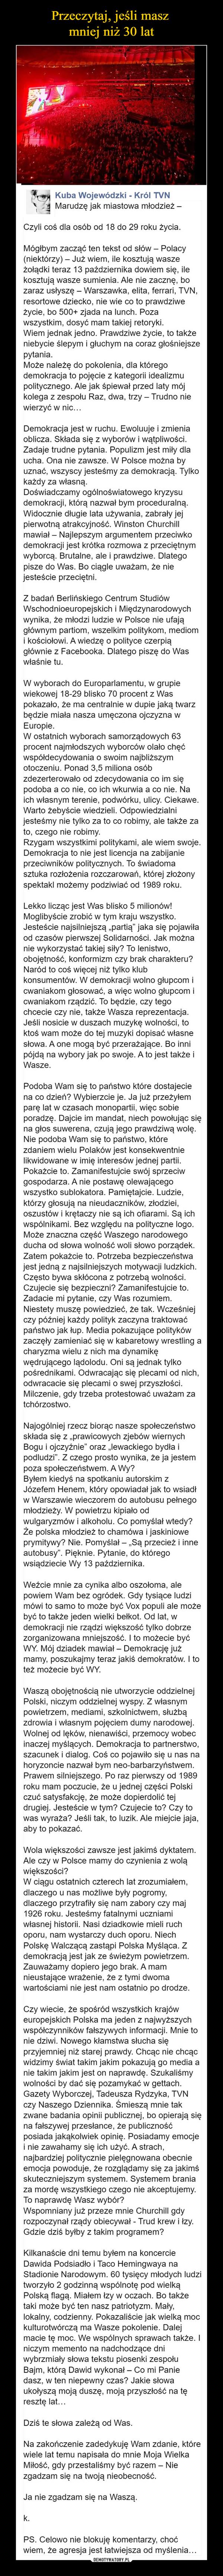 –  Marudzę jak miastowa młodzież –Czyli coś dla osób od 18 do 29 roku życia.Mógłbym zacząć ten tekst od słów – Polacy (niektórzy) – Już wiem, ile kosztują wasze żołądki teraz 13 października dowiem się, ile kosztują wasze sumienia. Ale nie zacznę, bo zaraz usłyszę – Warszawka, elita, ferrari, TVN, resortowe dziecko, nie wie co to prawdziwe życie, bo 500+ zjada na lunch. Poza wszystkim, dosyć mam takiej retoryki.Wiem jednak jedno. Prawdziwe życie, to także niebycie ślepym i głuchym na coraz głośniejsze pytania.Może należę do pokolenia, dla którego demokracja to pojęcie z kategorii idealizmu politycznego. Ale jak śpiewał przed laty mój kolega z zespołu Raz, dwa, trzy – Trudno nie wierzyć w nic…Demokracja jest w ruchu. Ewoluuje i zmienia oblicza. Składa się z wyborów i wątpliwości. Zadaje trudne pytania. Populizm jest miły dla ucha. Ona nie zawsze. W Polsce można by uznać, wszyscy jesteśmy za demokracją. Tylko każdy za własną.Doświadczamy ogólnoświatowego kryzysu demokracji, którą nazwał bym proceduralną. Widocznie długie lata używania, zabrały jej pierwotną atrakcyjność. Winston Churchill mawiał – Najlepszym argumentem przeciwko demokracji jest krótka rozmowa z przeciętnym wyborcą. Brutalne, ale i prawdziwe. Dlatego pisze do Was. Bo ciągle uważam, że nie jesteście przeciętni.Z badań Berlińskiego Centrum Studiów Wschodnioeuropejskich i Międzynarodowych wynika, że młodzi ludzie w Polsce nie ufają głównym partiom, wszelkim politykom, mediom i kościołowi. A wiedzę o polityce czerpią głównie z Facebooka. Dlatego piszę do Was właśnie tu.